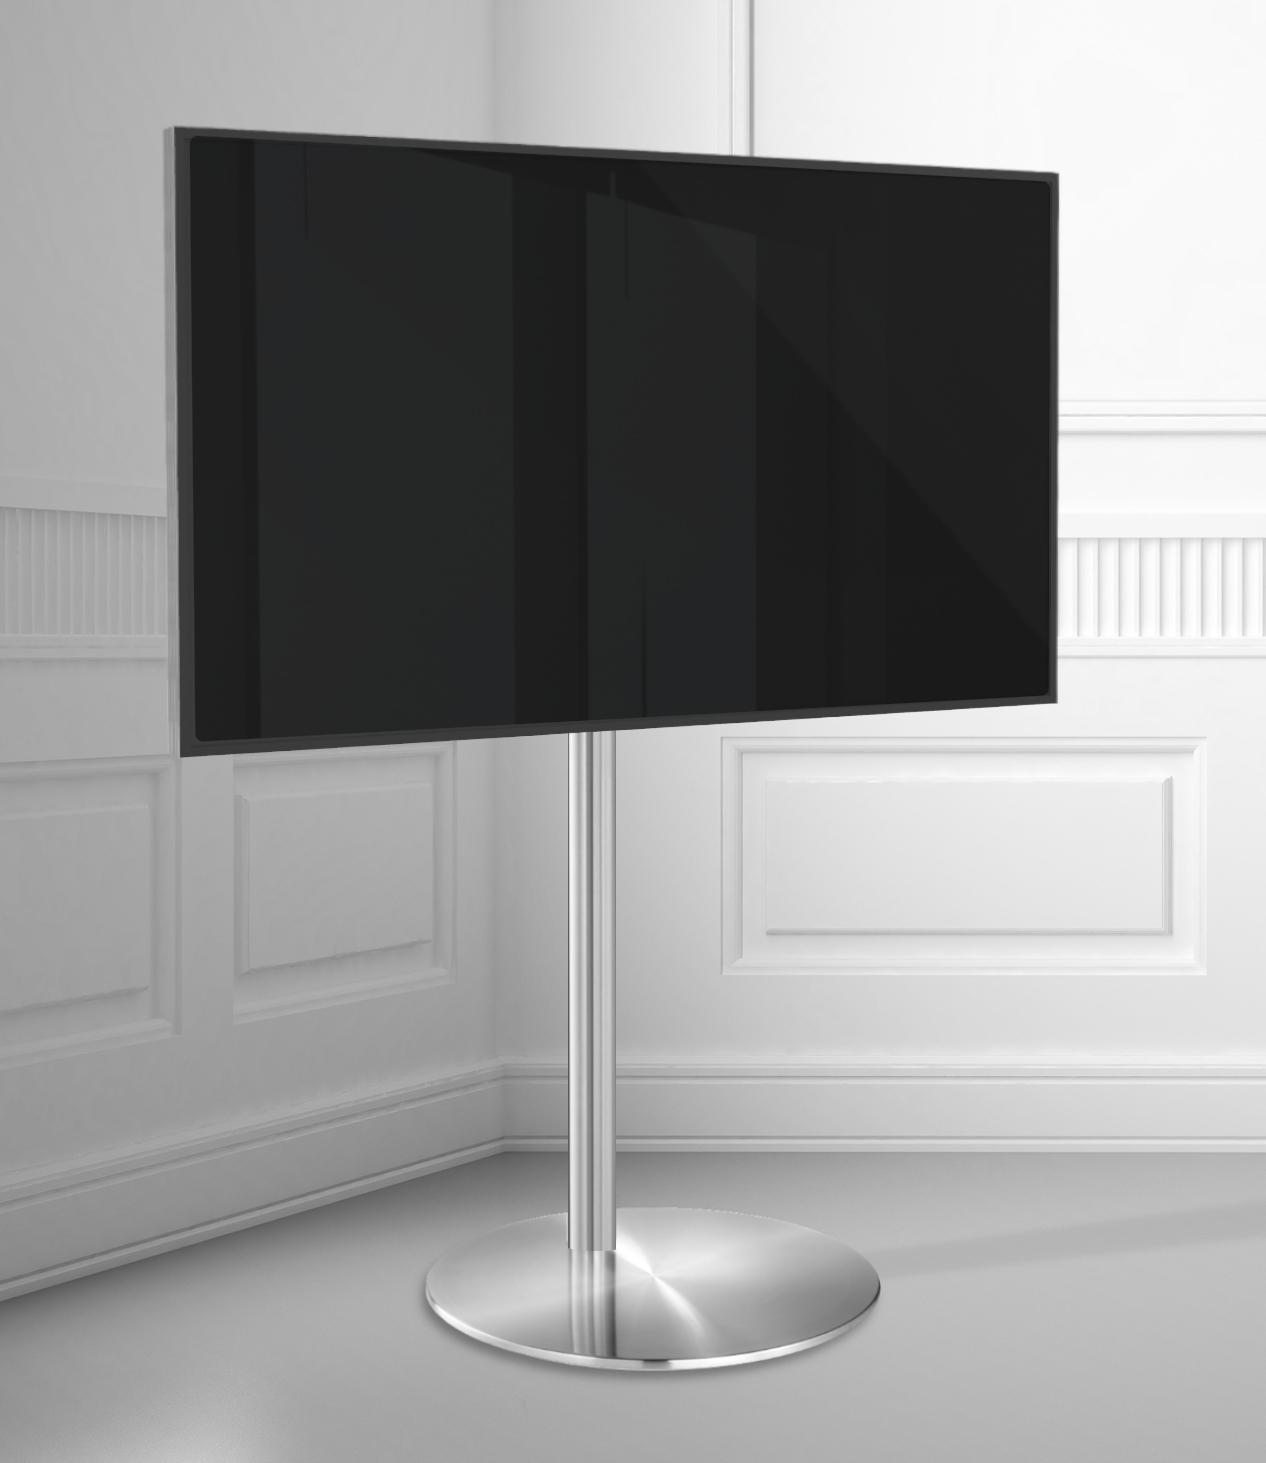 Tv Vloerstandaard Cavus Sphere100(S) RVS